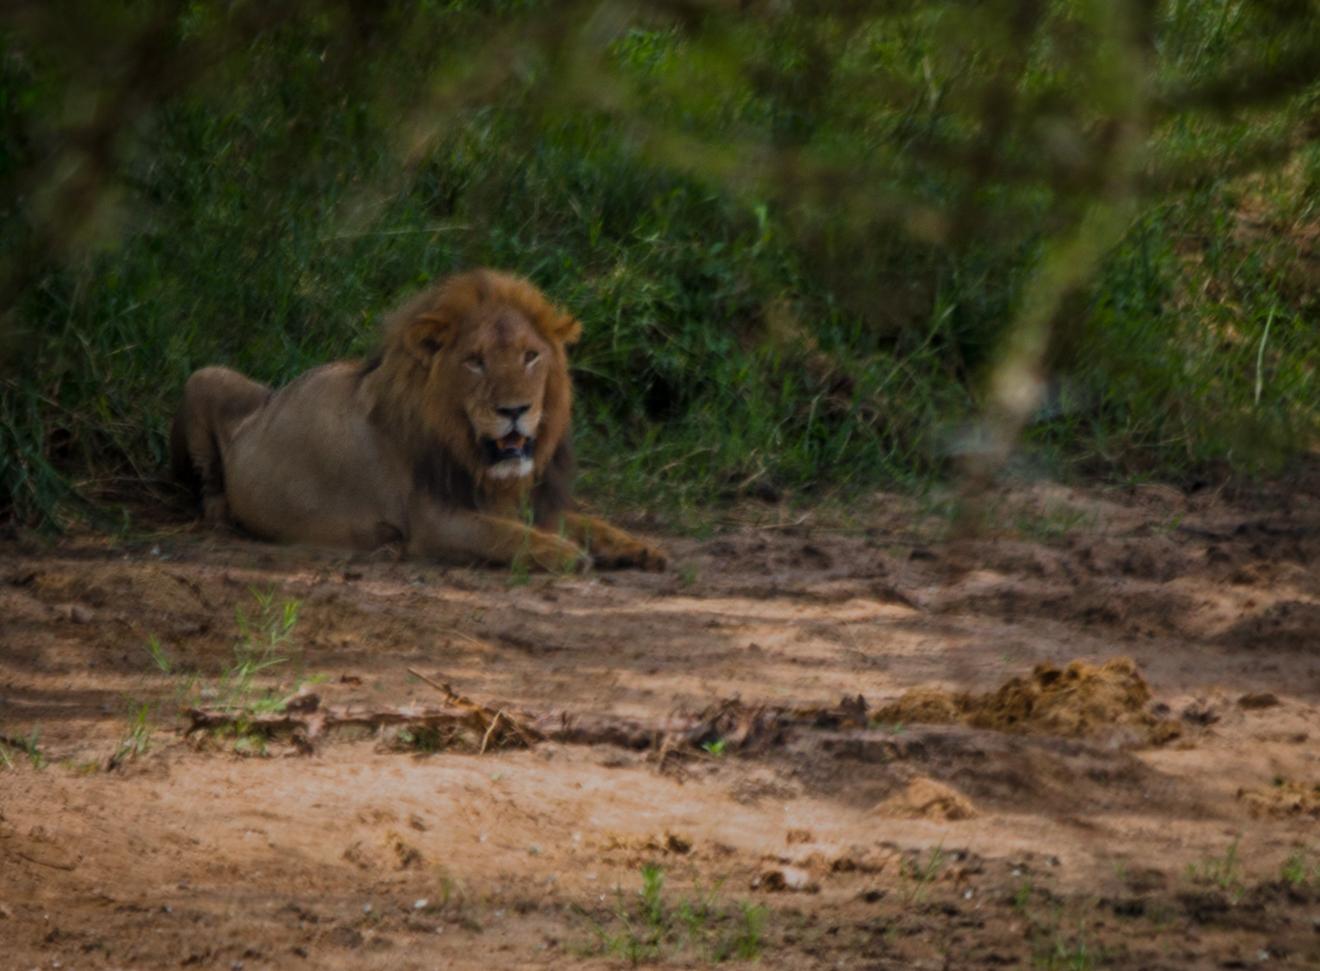 Africa, Lions, Tanzania, Tarangire